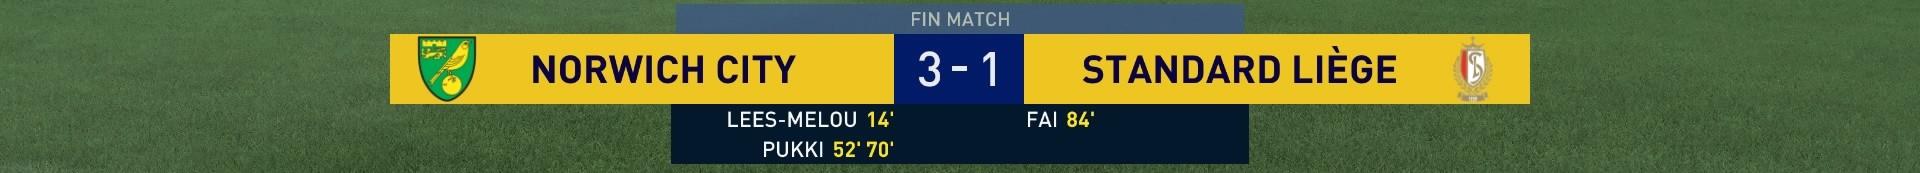 [FIFA 22] Story | Les Canaries à l'aube d'une nouvelle ère Fifa_237